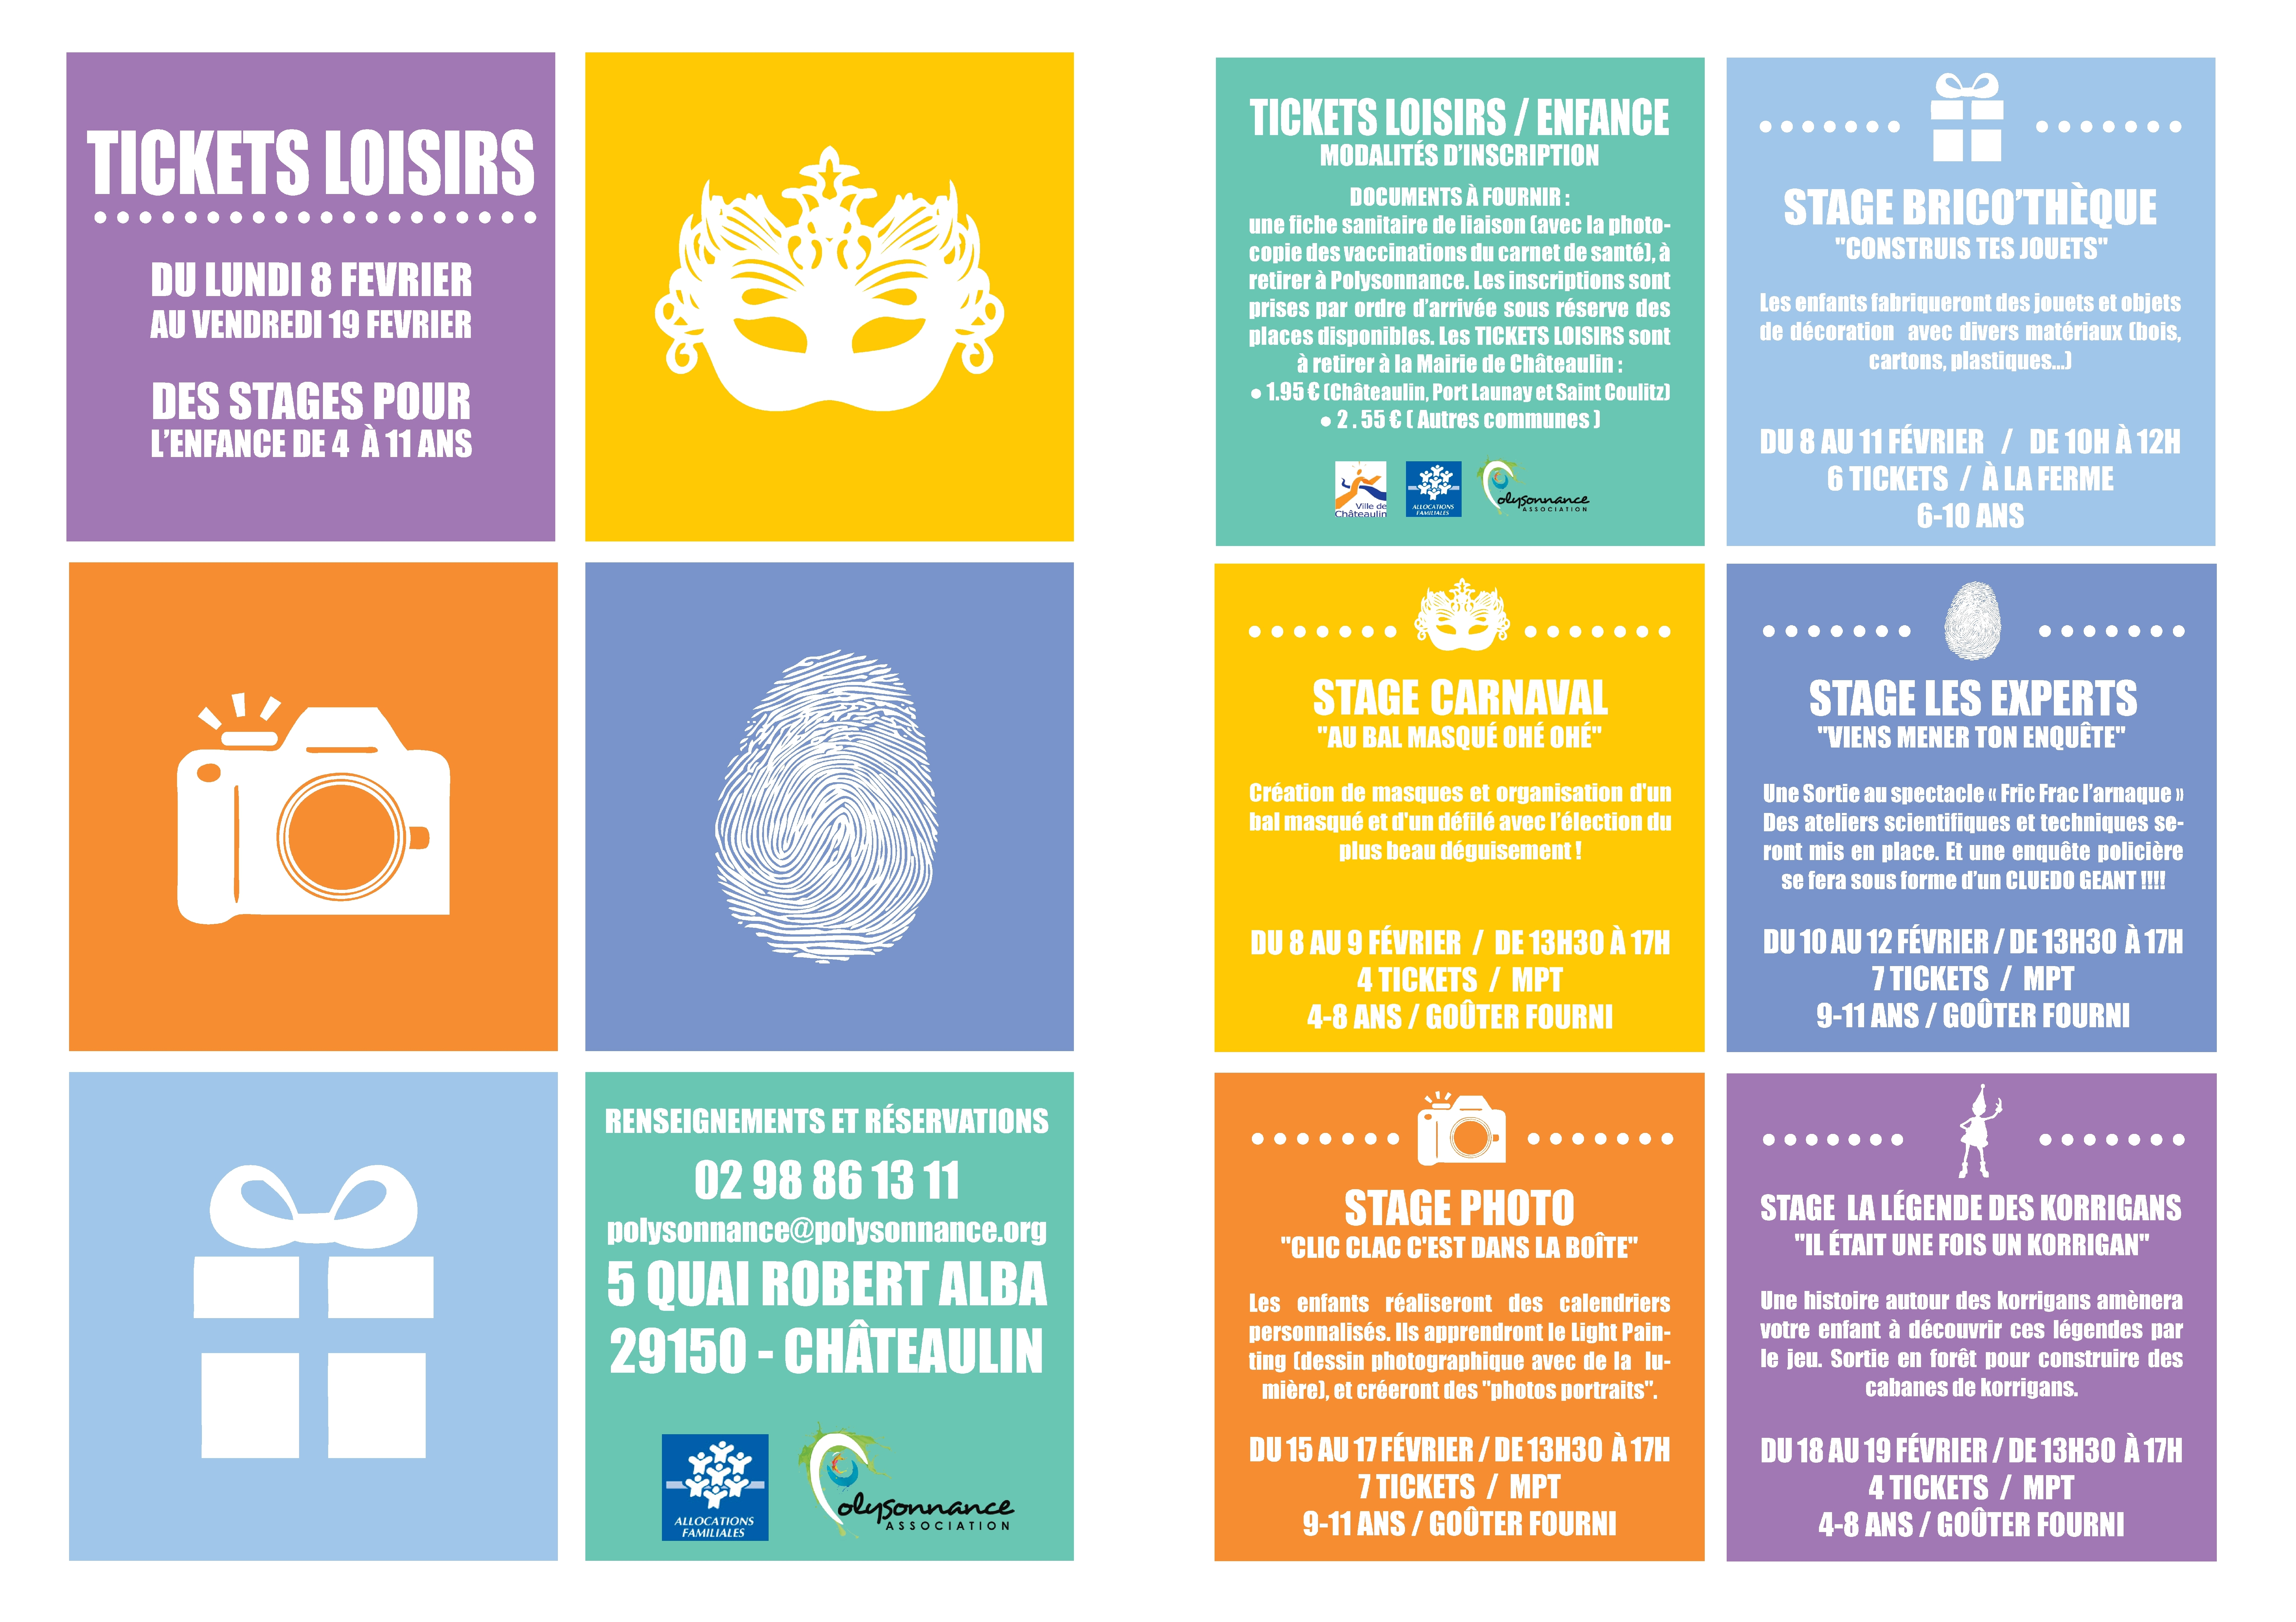 Vacances de Février : Programme enfance des tickets loisirs